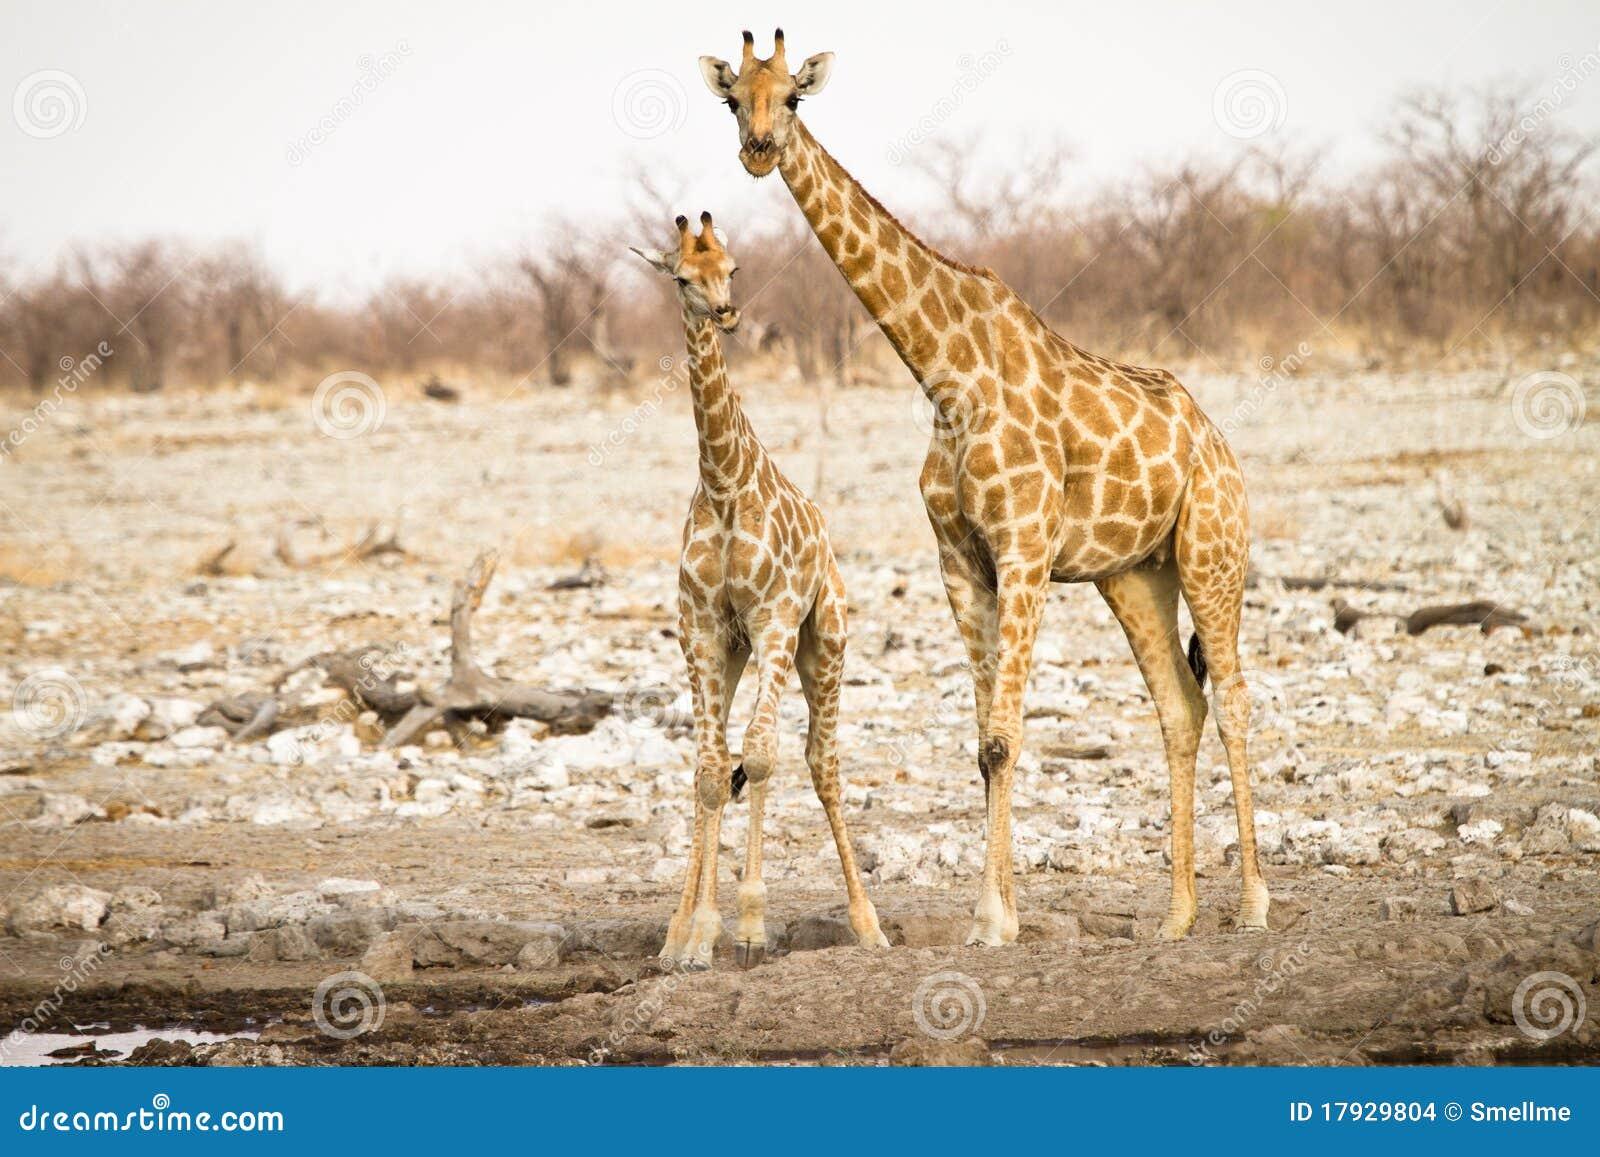 Giraf met baby